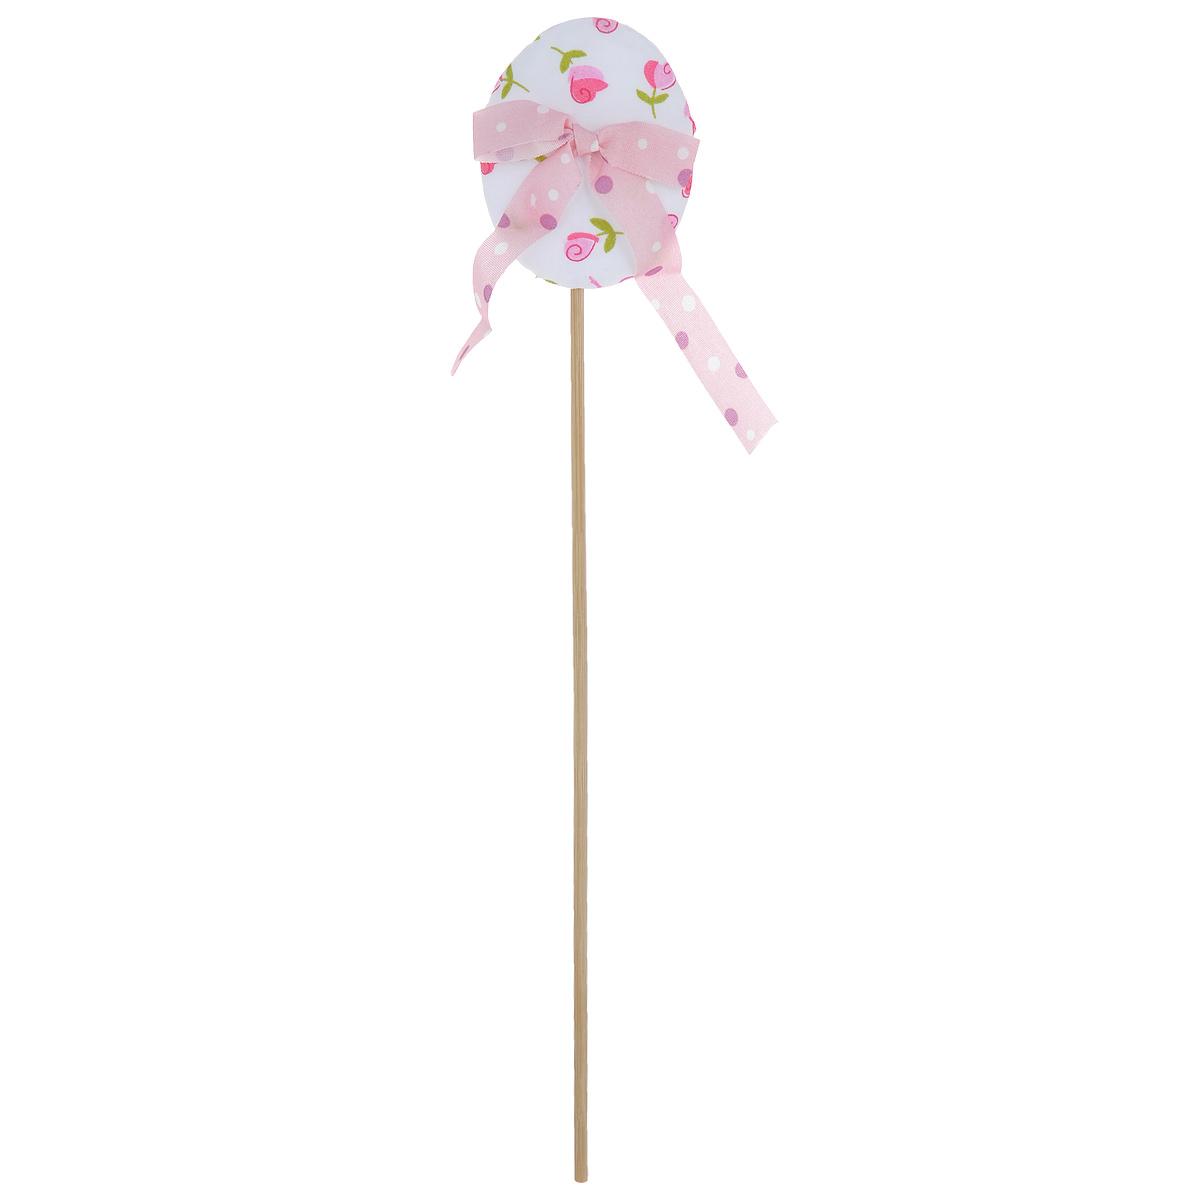 Декоративное пасхальное украшение на ножке Home Queen Яйцо с лентой, цвет: розовый, белый, высота 26 см64384_1Украшение пасхальное Home Queen Яйцо с лентой изготовлено из полиэстера и предназначено для украшения праздничного стола. Украшение выполнено в виде пасхального яйца, декорированного ленточкой, на деревянной шпажке. Такое украшение прекрасно дополнит подарок для друзей и близких на Пасху. Высота: 26 см. Размер декоративной фигурки: 6 см х 4,5 см х 2 см.